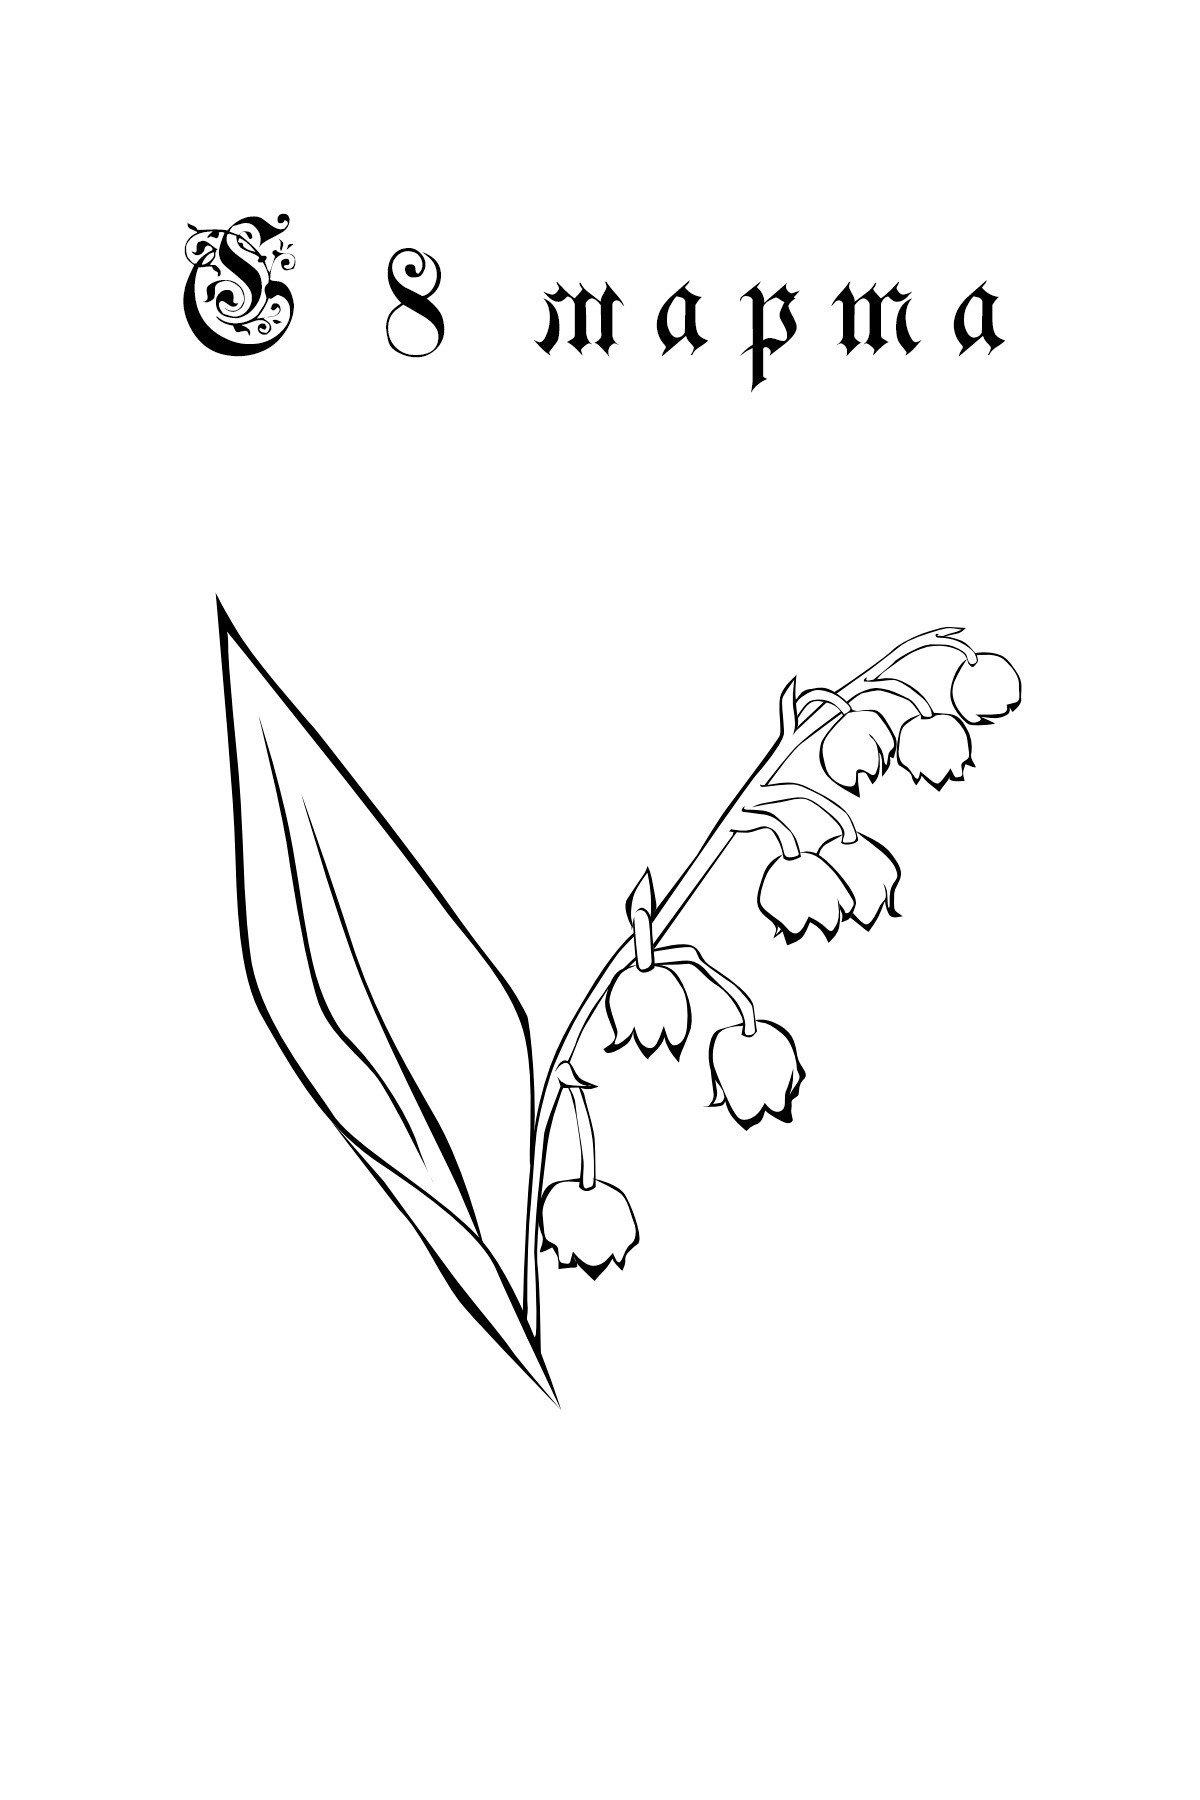 С 8 марта - Картинка для раскрашивания красками-гуашью